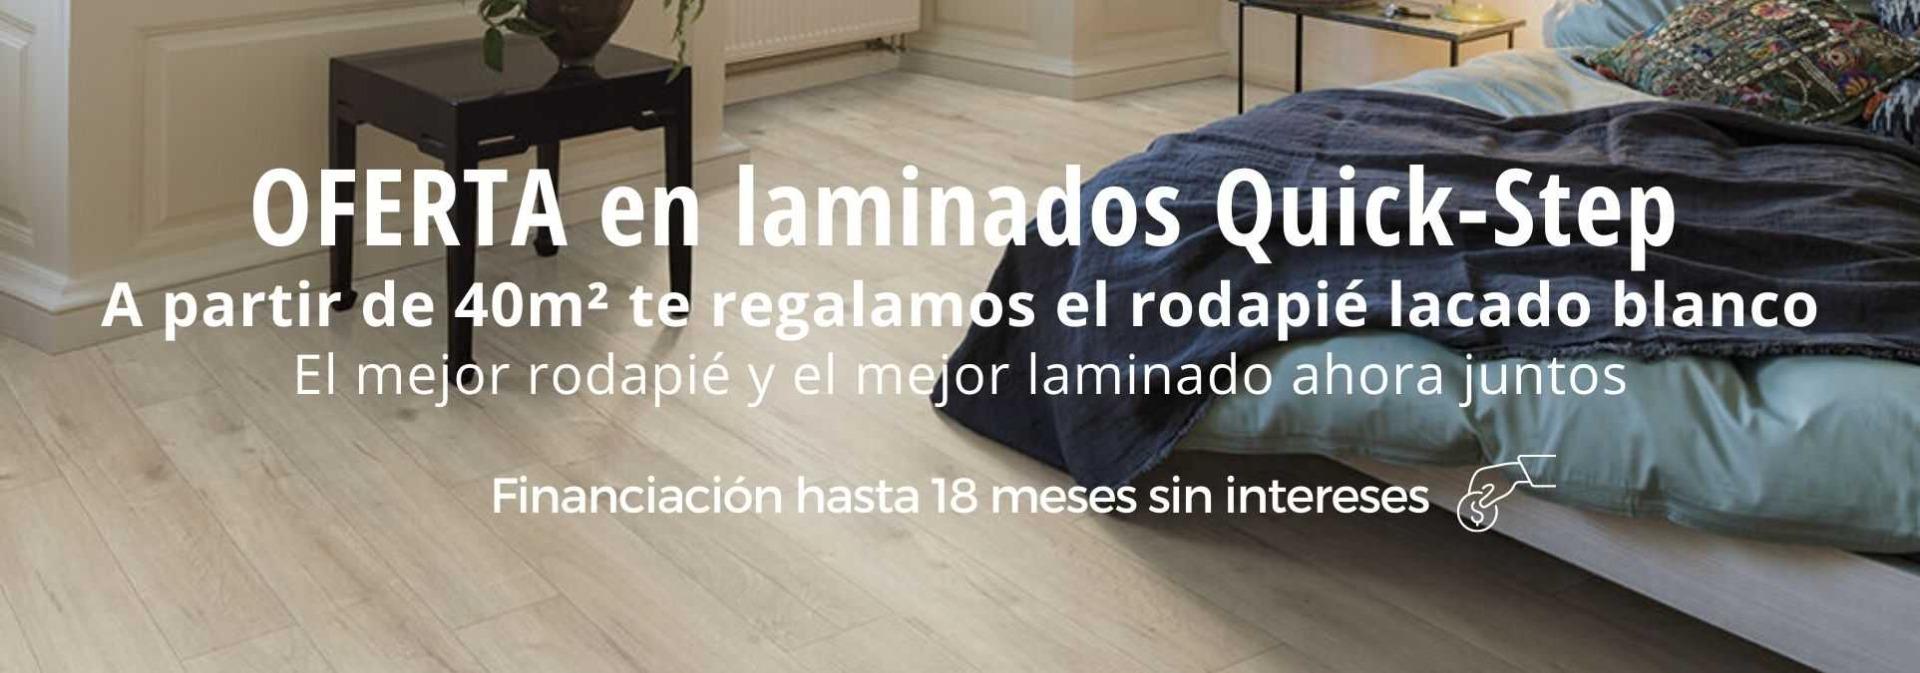 oferta laminados quick-step con rodapié lacado blanco gratis